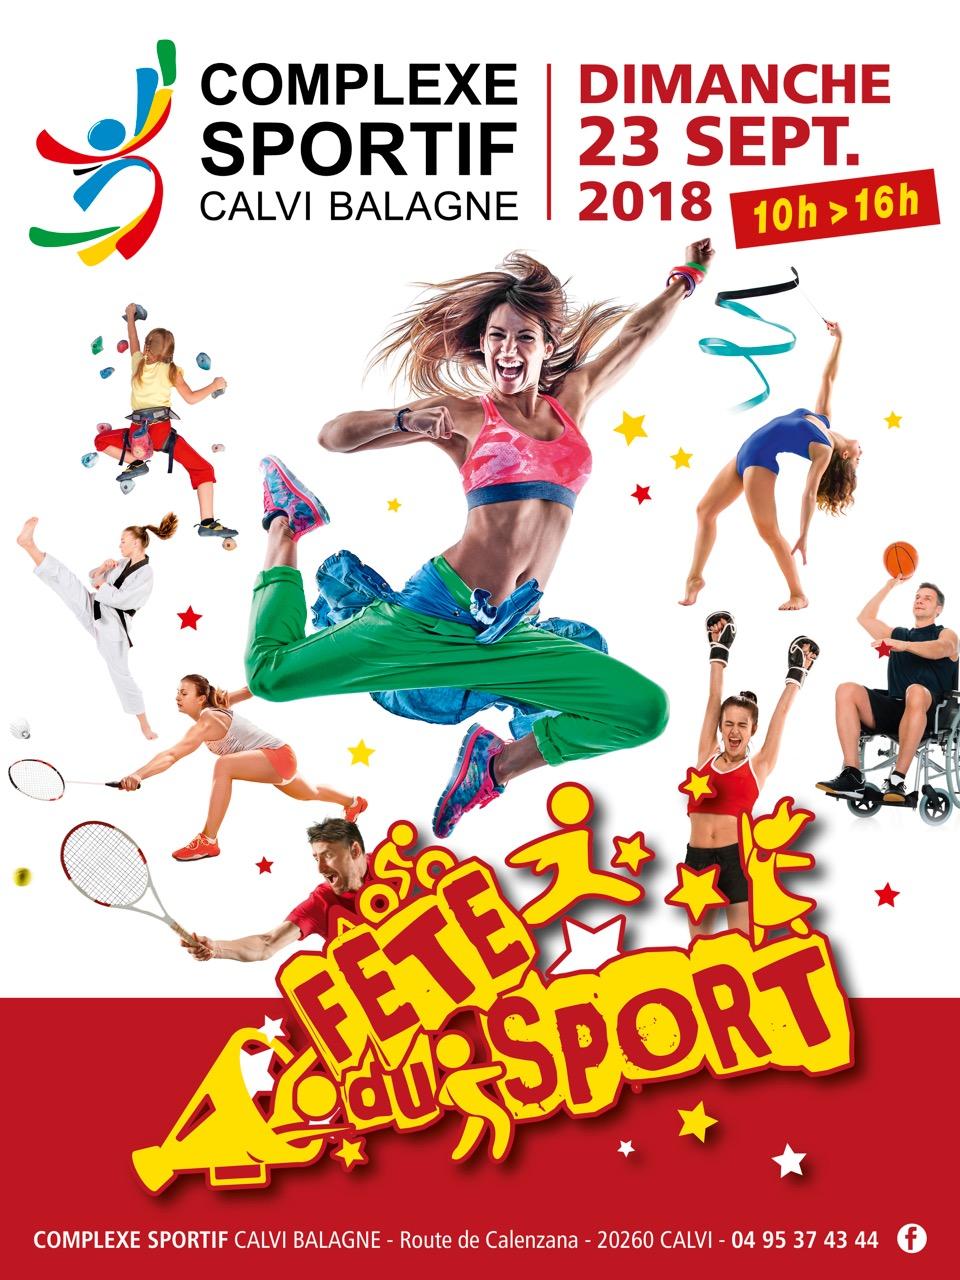 Journée du sport et remise de trophées au complexe sportif Calvi-Balagne